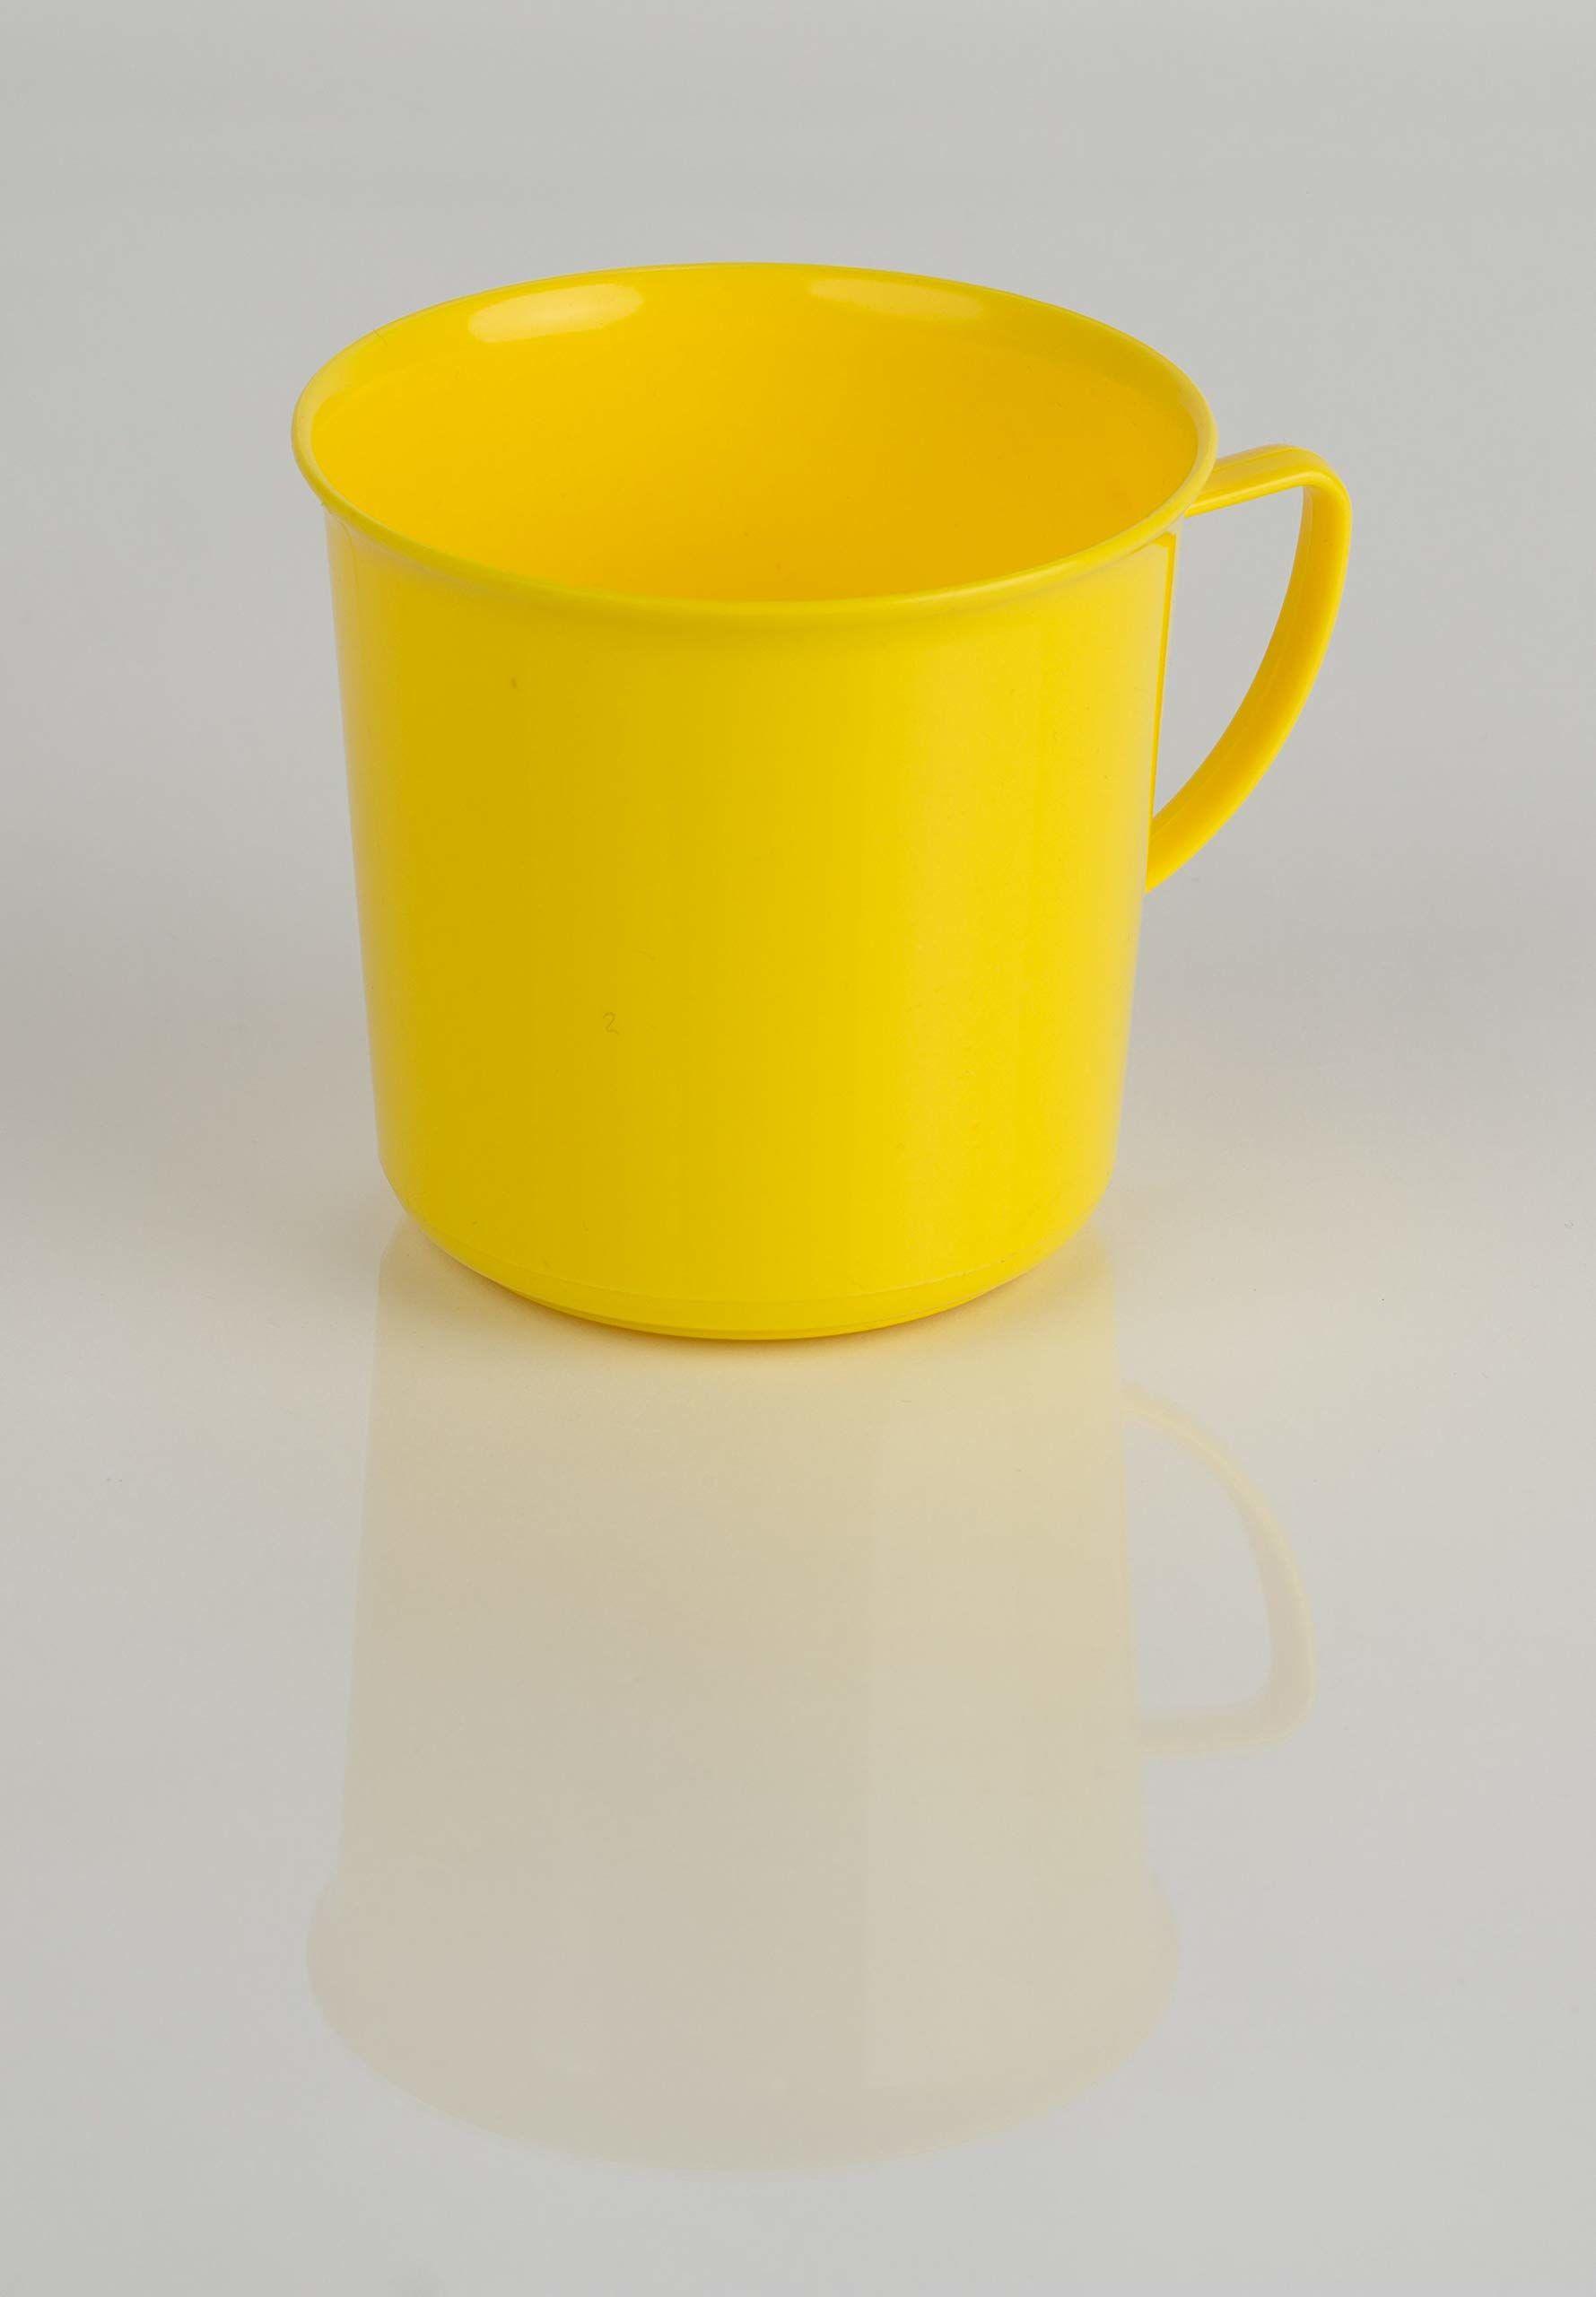 Kimmel Kubek z uchem, filiżanka z uchem, filiżanka do herbaty, kubek do kawy, wielokrotnego użytku, nietłukący 330 ml, tworzywo sztuczne, żółty